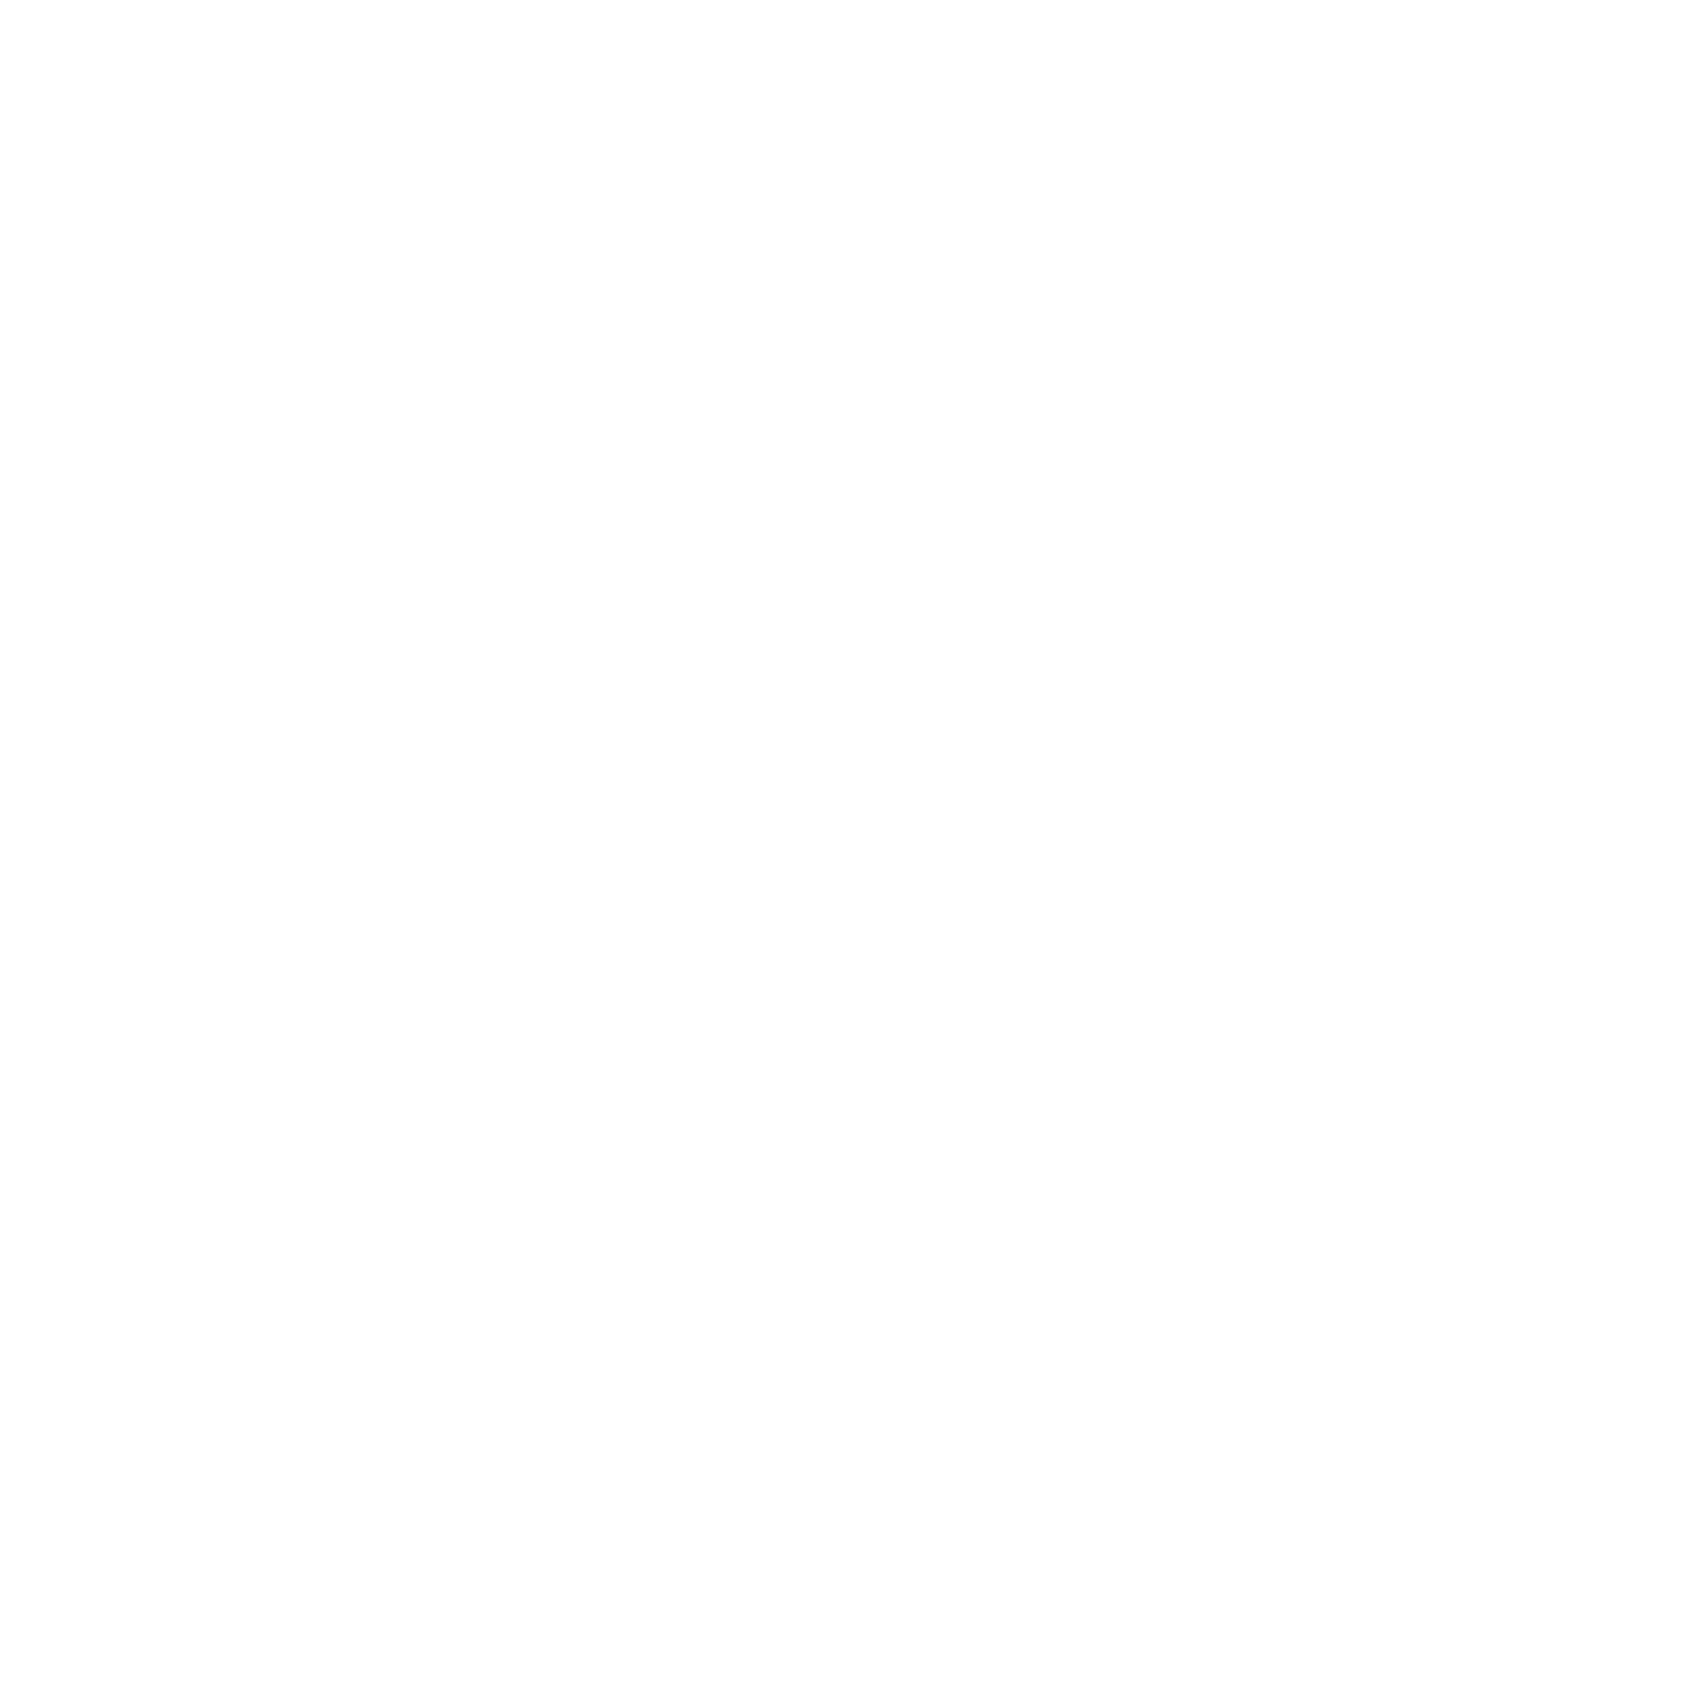 Eckls